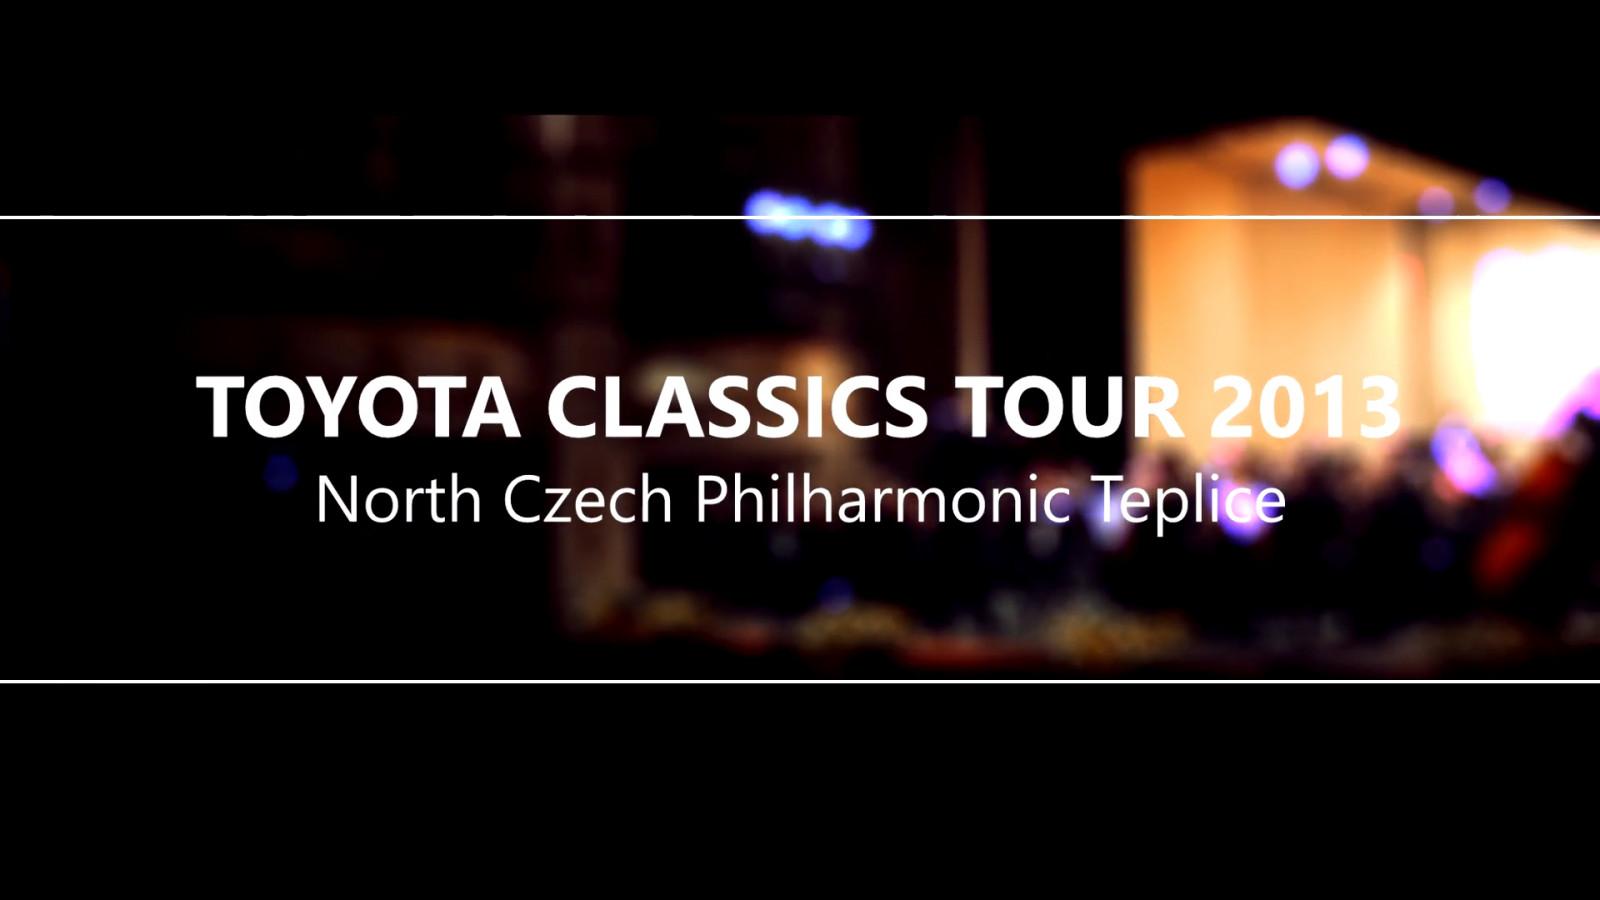 Toyota classic tour Asia 2013